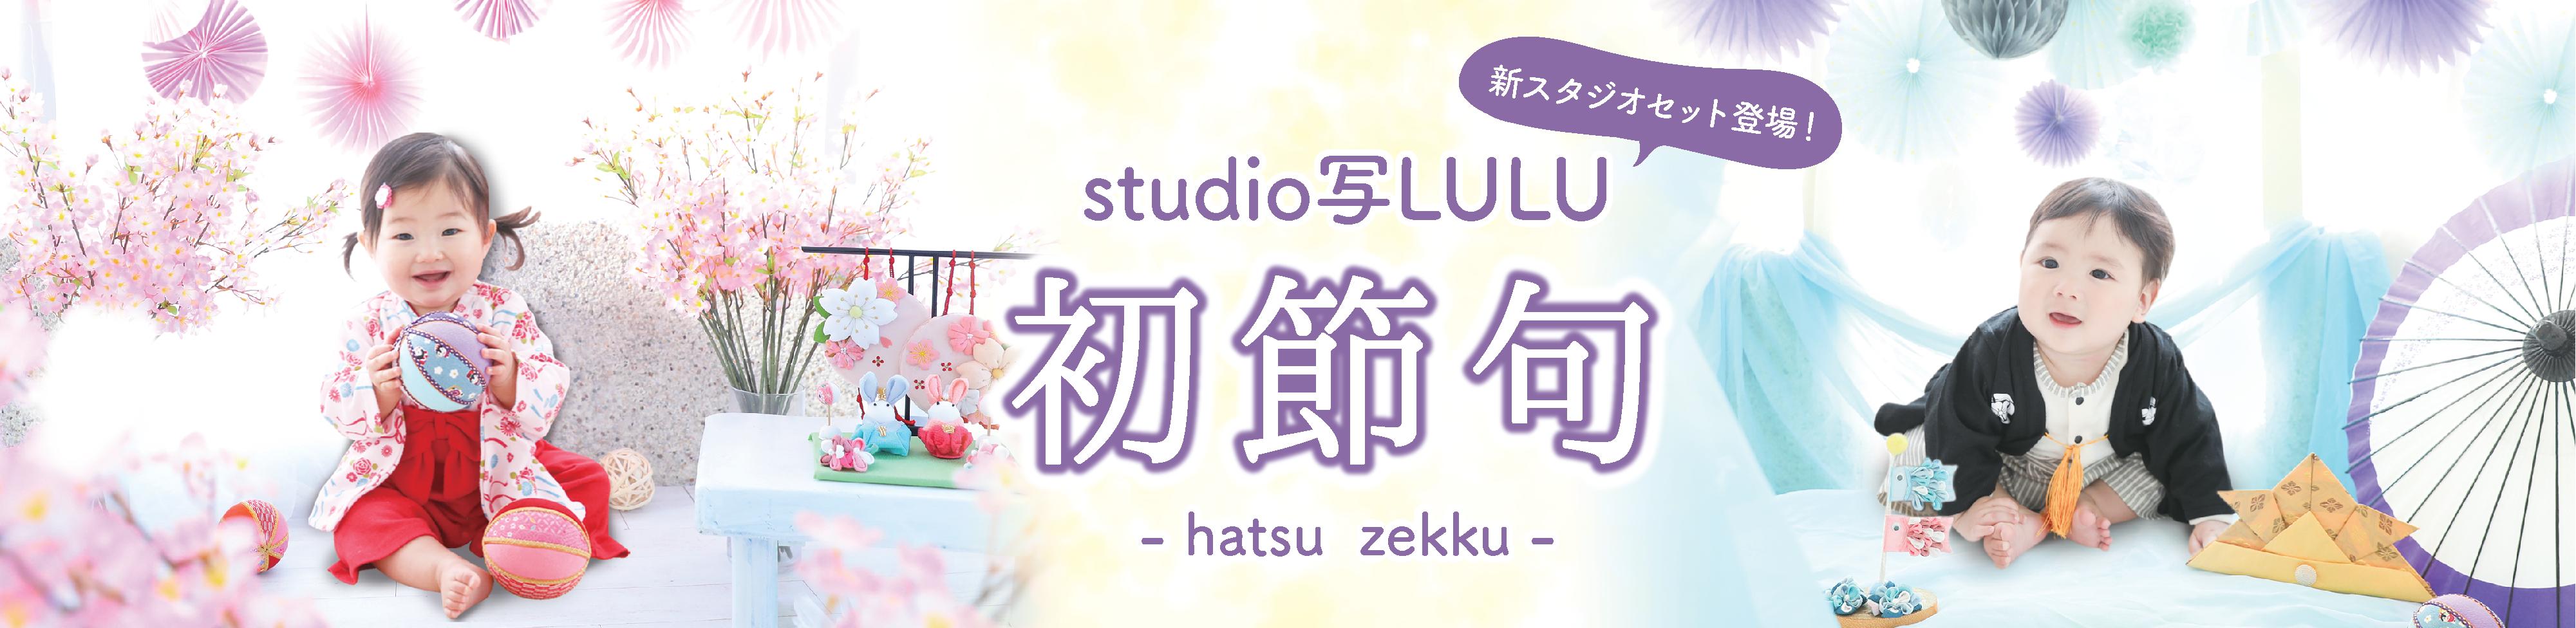 202002_hatsuzekku_banner.png